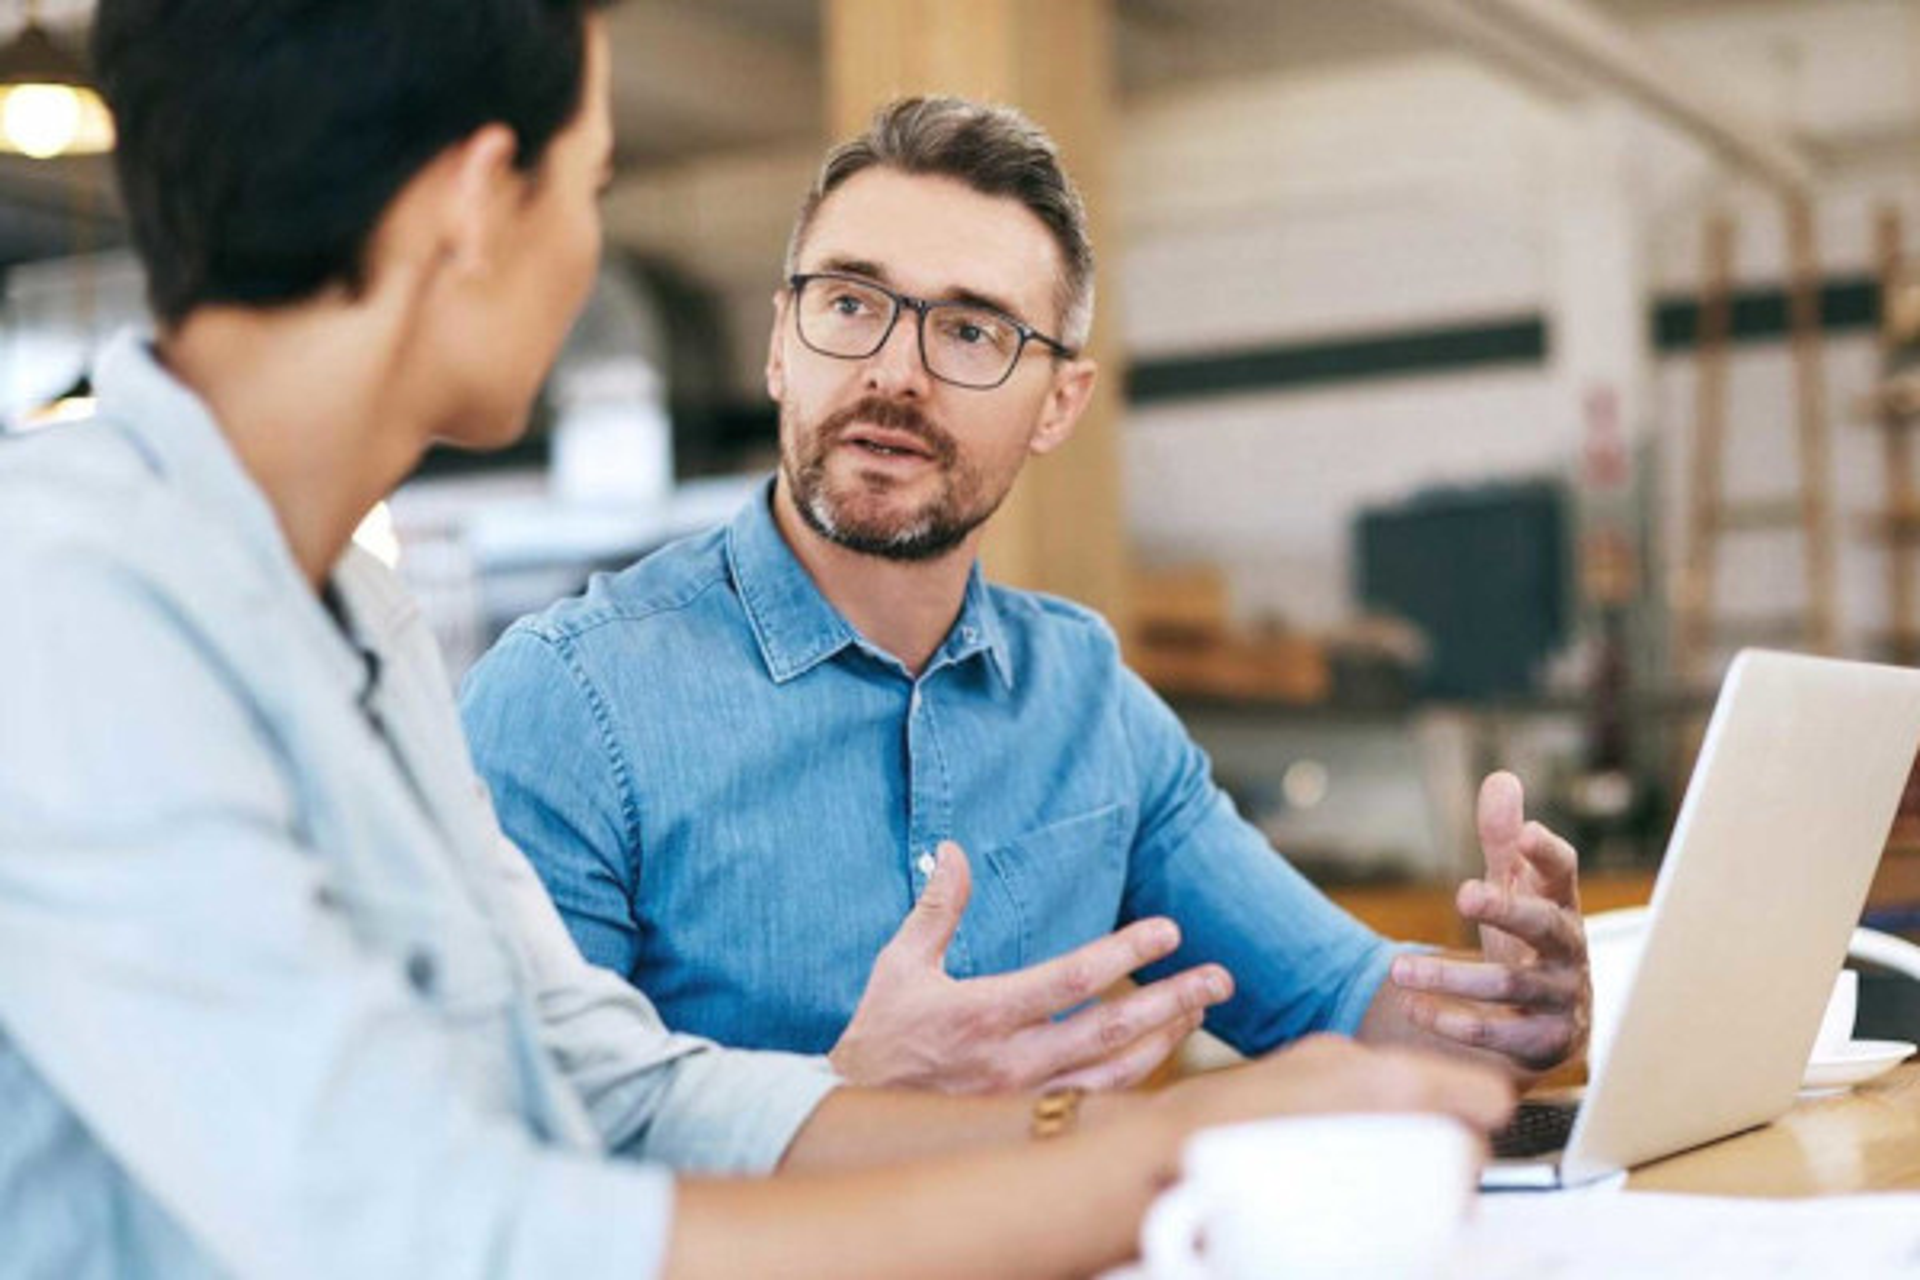 Mentor de Negócios Profissional - Mentoring4you